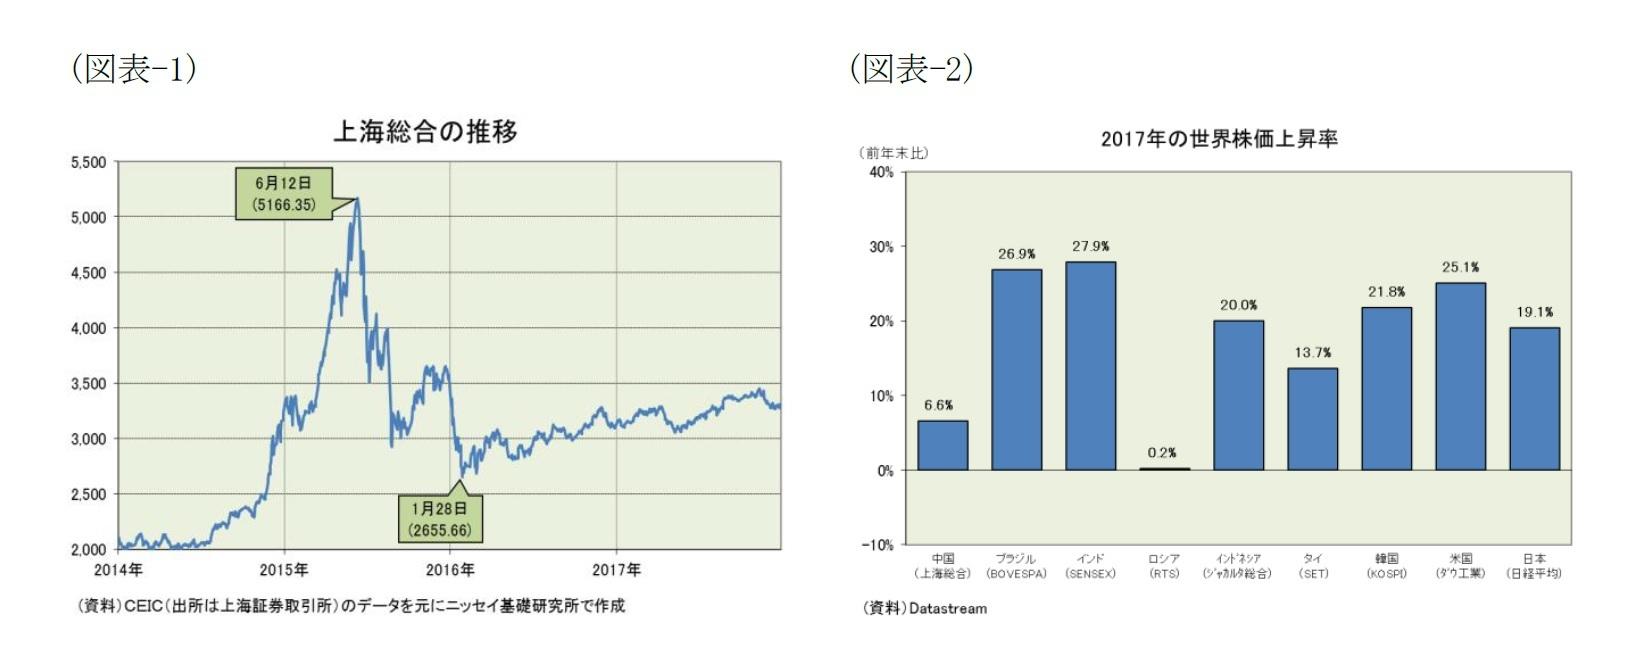 (図表-1)上海総合の推移/(図表-2)2017年の世界株価上昇率